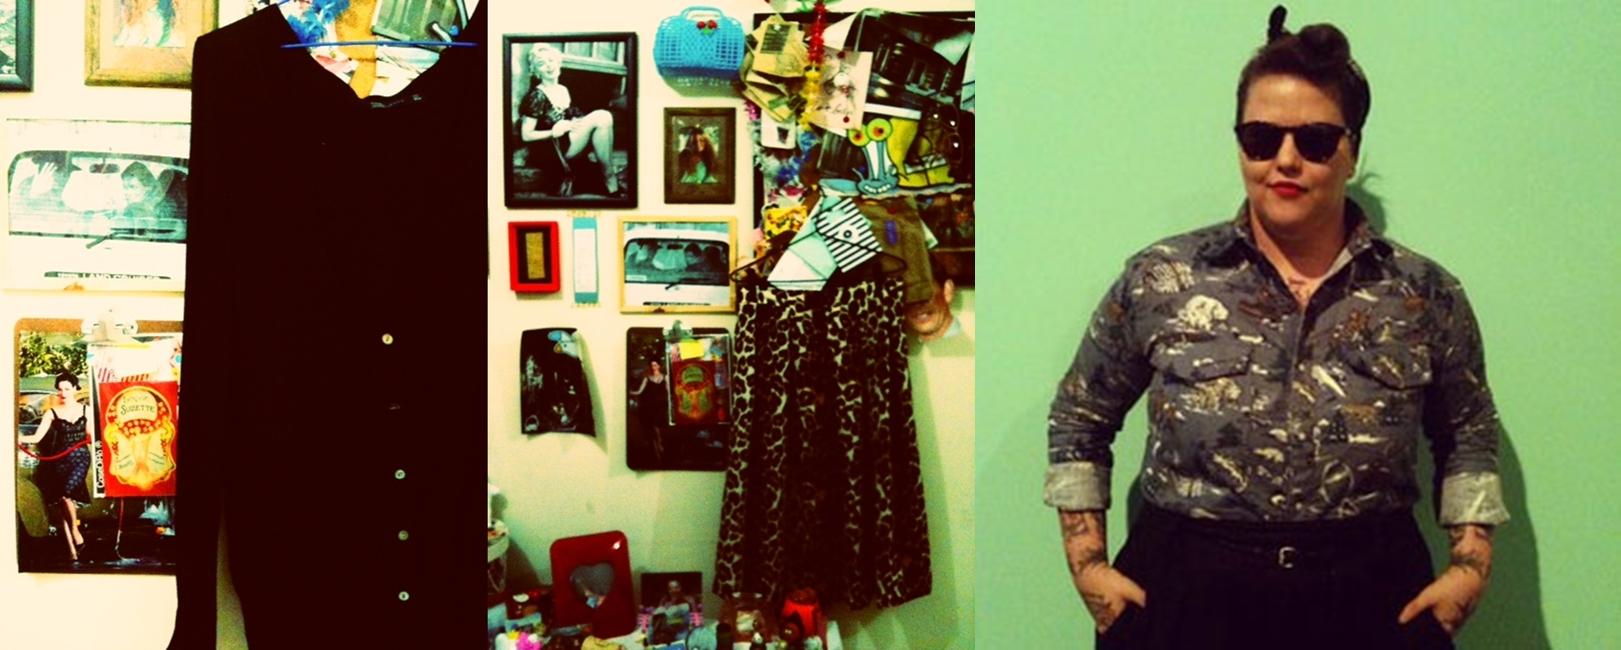 """Brisa Issa, produtora - """"Bom, eu sou uma pessoa bem apegada com meu vestuário. Confesso que foi bem difícil escolher qual roupa minha eu tinha uma ligação emocional maior, pois quando encano numa peça não me desgrudo (tanto que tenho até hoje uma bermuda customizada por mim mesma da época que eu andava de skate). A saia midi de oncinha e o cardigã preto foram presentes da minha amiga Patricia Grejanin, estilista da Laundry. A história começou pois sou louca pelas roupas da Laundry, que tem uma pegada vintage que eu AMO, porém nenhuma ficava legal em mim. Daí para resolver meu problema a Pati fez a saia sob medida. Já o cardigã (chamo ele de 'cardigã velhinho do amor'): eu estava louca por uma peça assim, mas tinha que ser preta. Fiz minha mãe rodar Salvador inteira atrás de um e eu rodei por aqui em São Paulo. Quando eu tinha desencanado e desistido de ter um cardigã preto, me aparece Pati: 'amiga, tenho umas roupas pra te dar... tem este cardigã aqui que eu não uso mais pois tenho outros 50, você quer?' Nossa, quase chorei!!! Alias, é assim até hoje. Sempre ela acerta nas roupas que me dá! Eu sei que são peças que eu nunca pretendo me desfazer, foram presente de uma das minhas melhores amigas"""""""